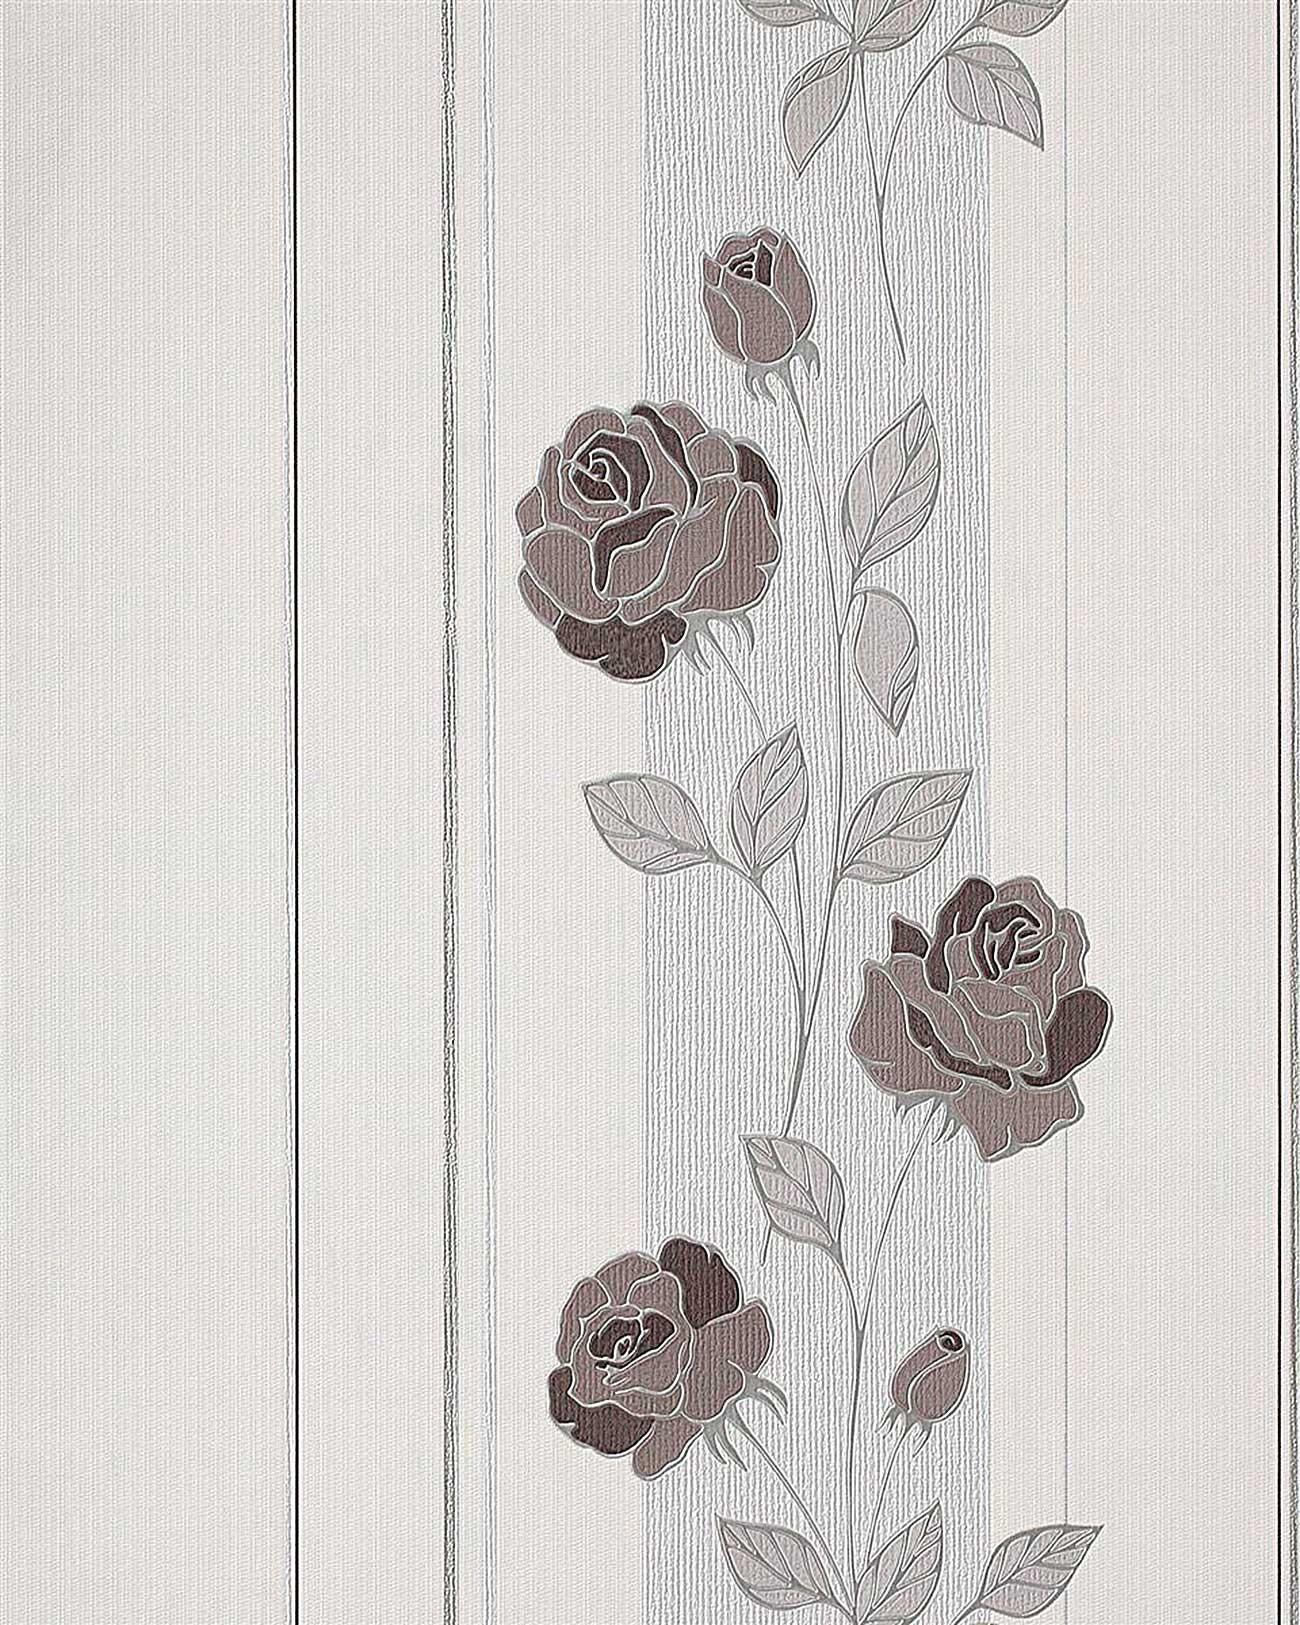 Carta da parati goffrata a fiori rose edem 766 30 in crema for Carta parati argento